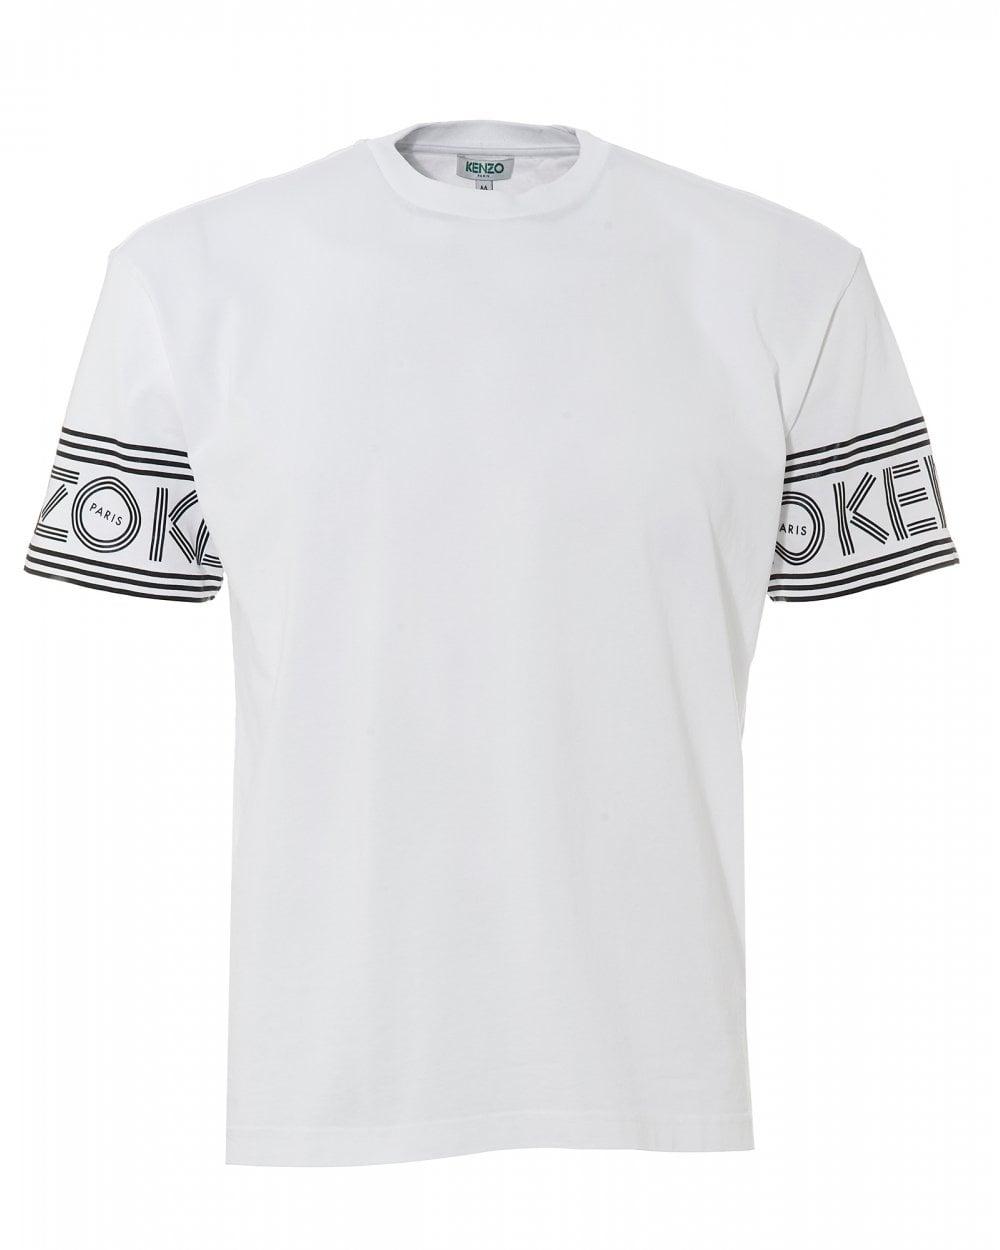 e9f14ce4ec73 Kenzo Mens Sport Lettered Logo T-Shirt, White Regular Fit Tee